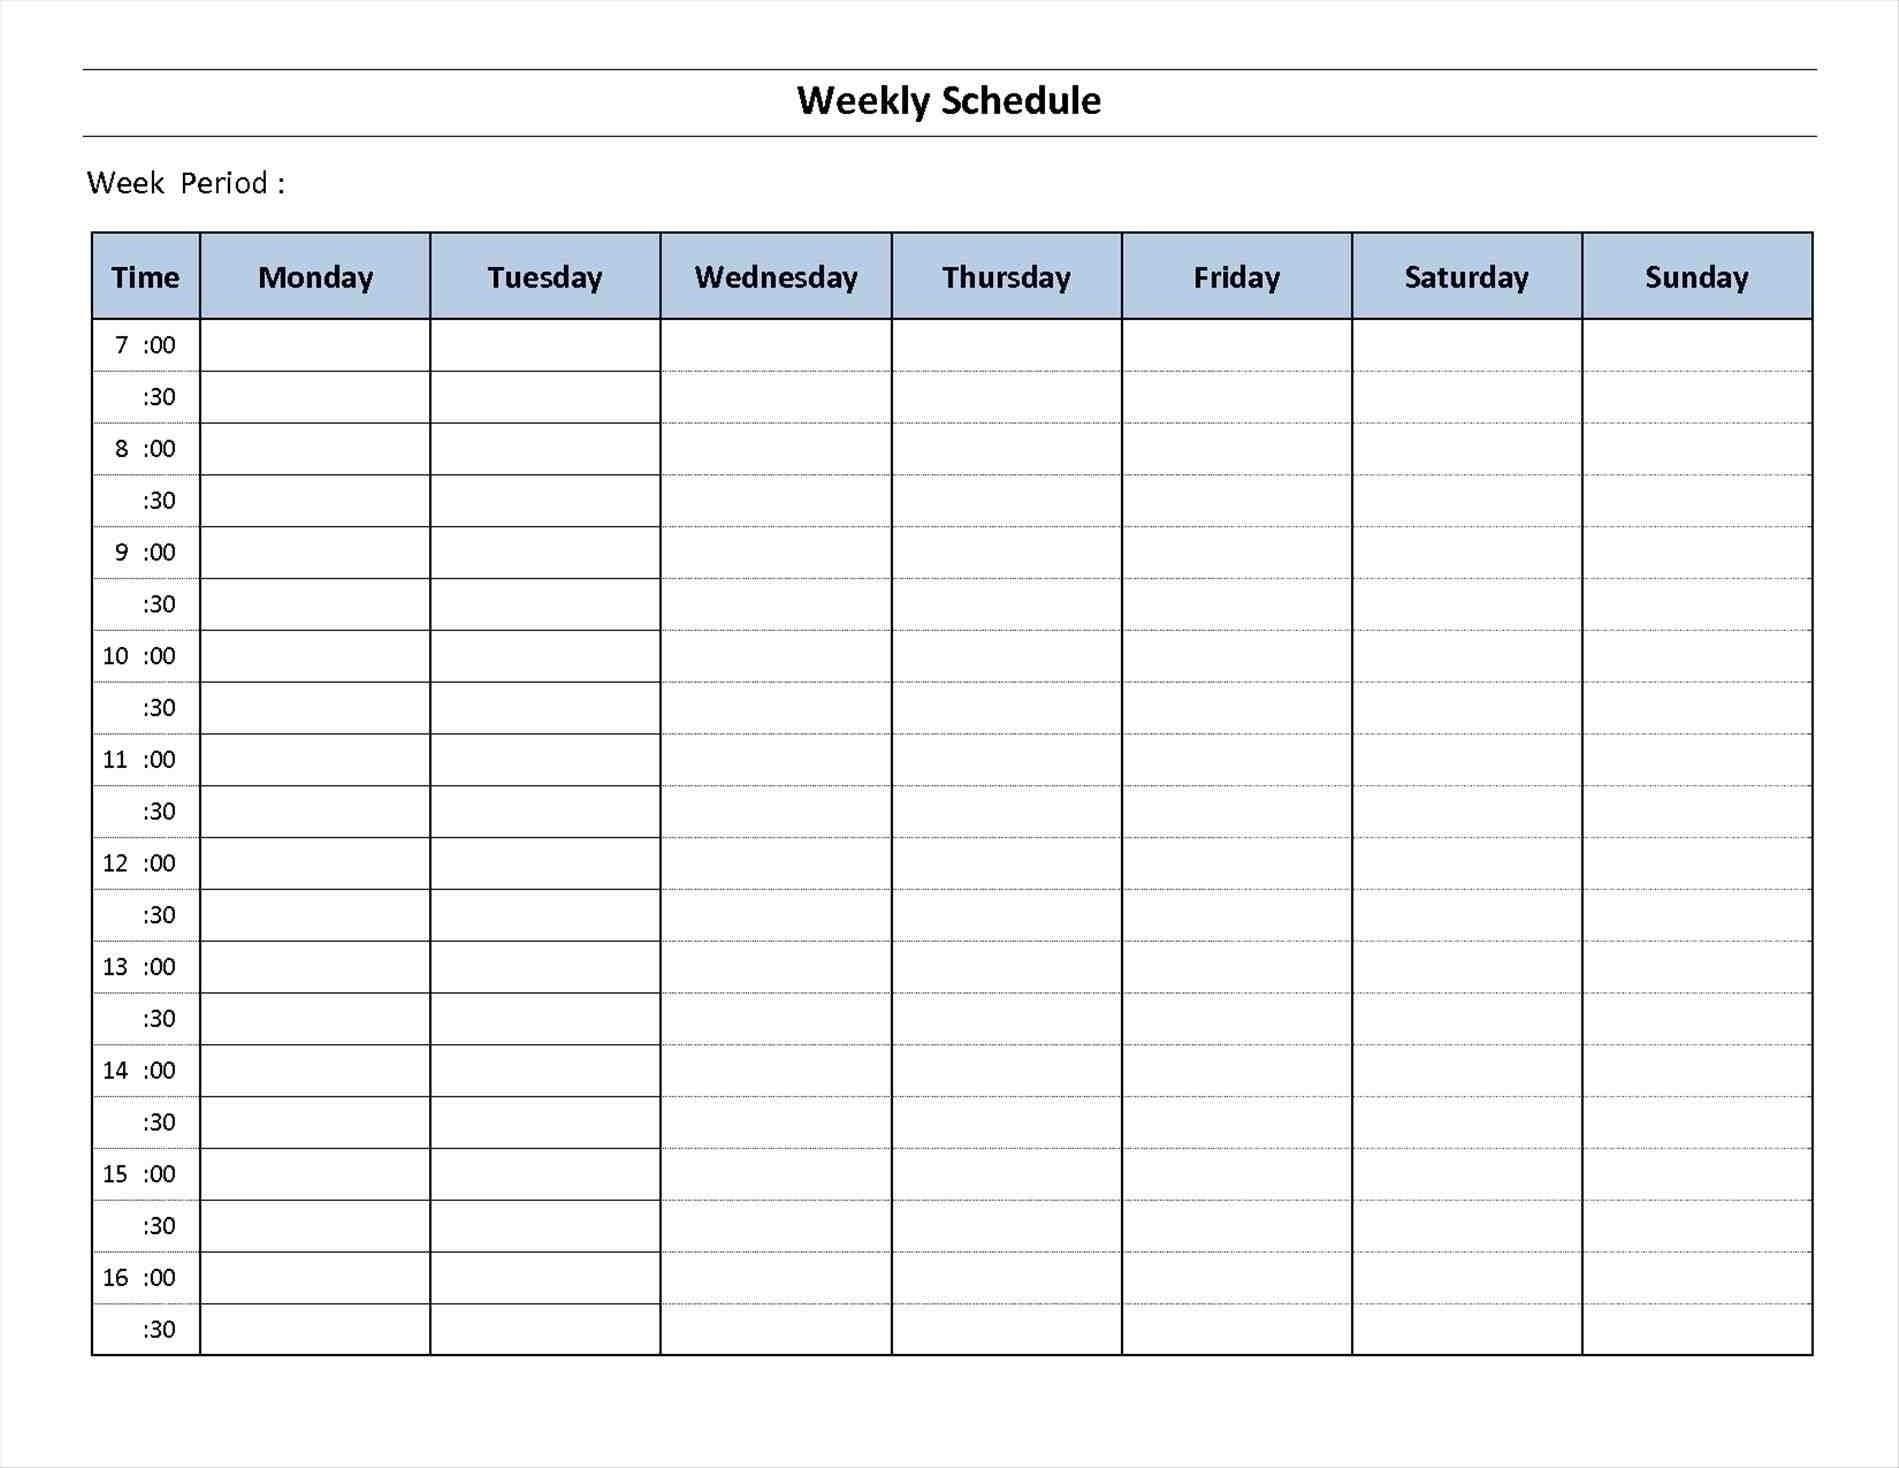 Schedule Template Day Week Calendar Printable Blank | Smorad inside 7 Day Week Blank Calendar Printable